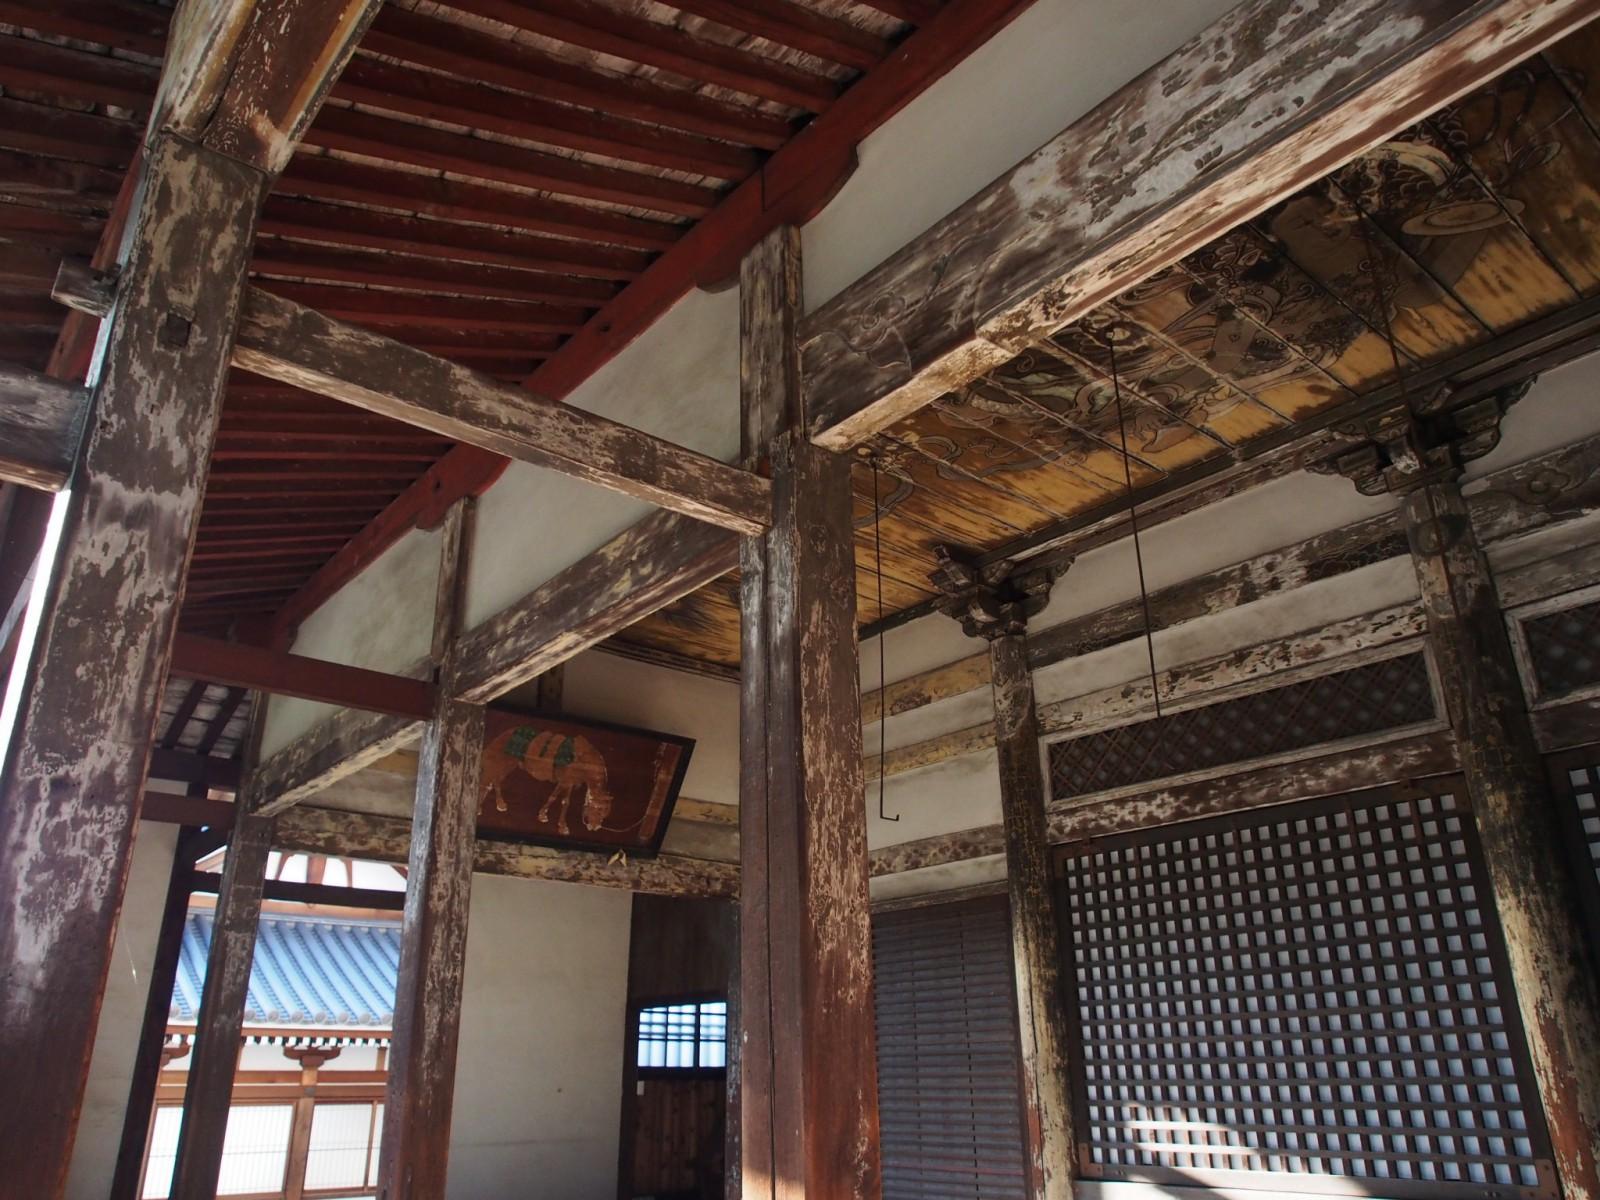 天井絵で知られる蓮長寺本堂